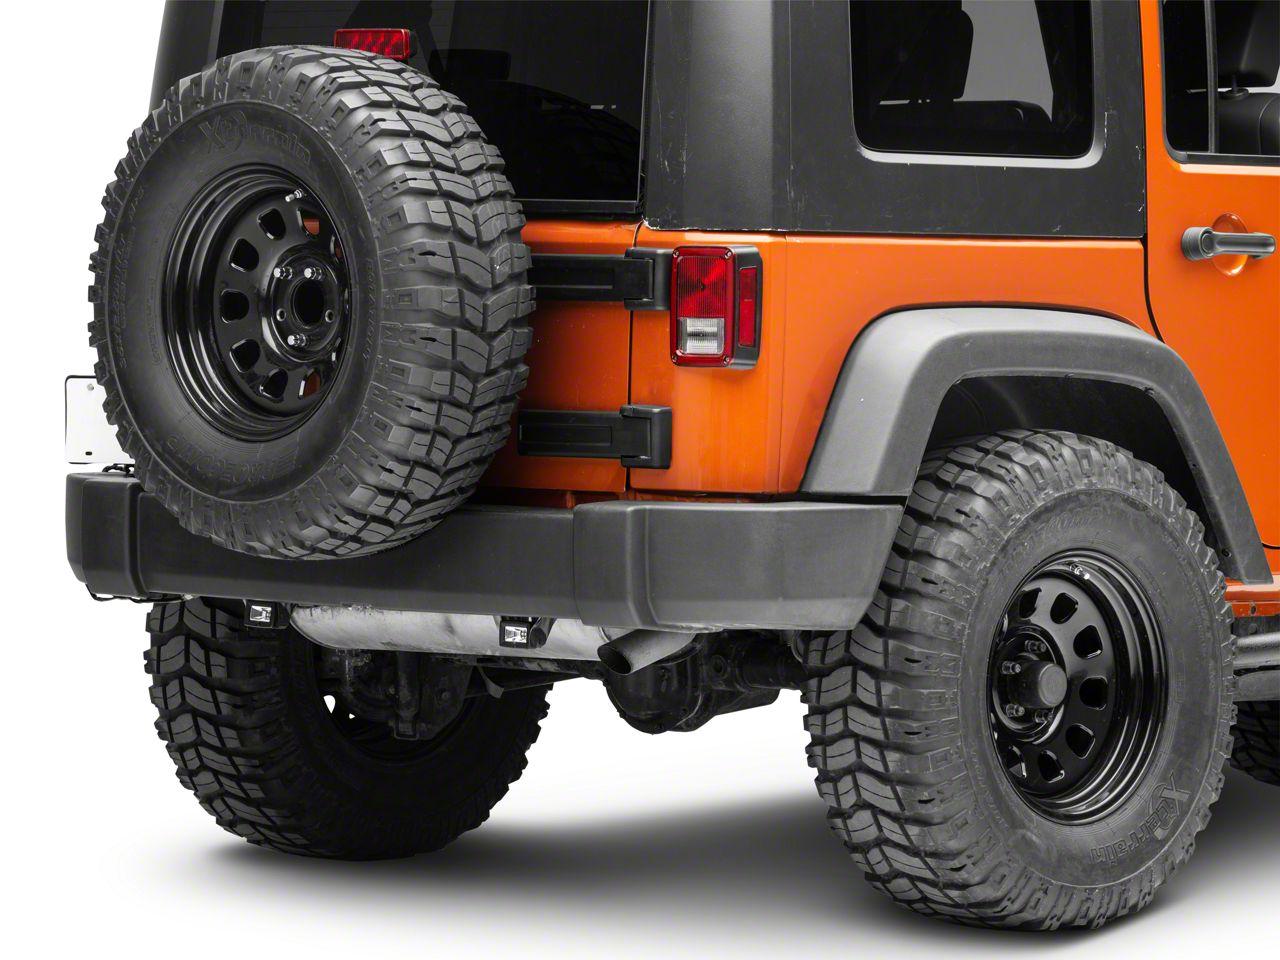 KC HiLiTES C-Series C2 Backup Flood Lights - Pair (87-18 Jeep Wrangler YJ, TJ, JK & JL)